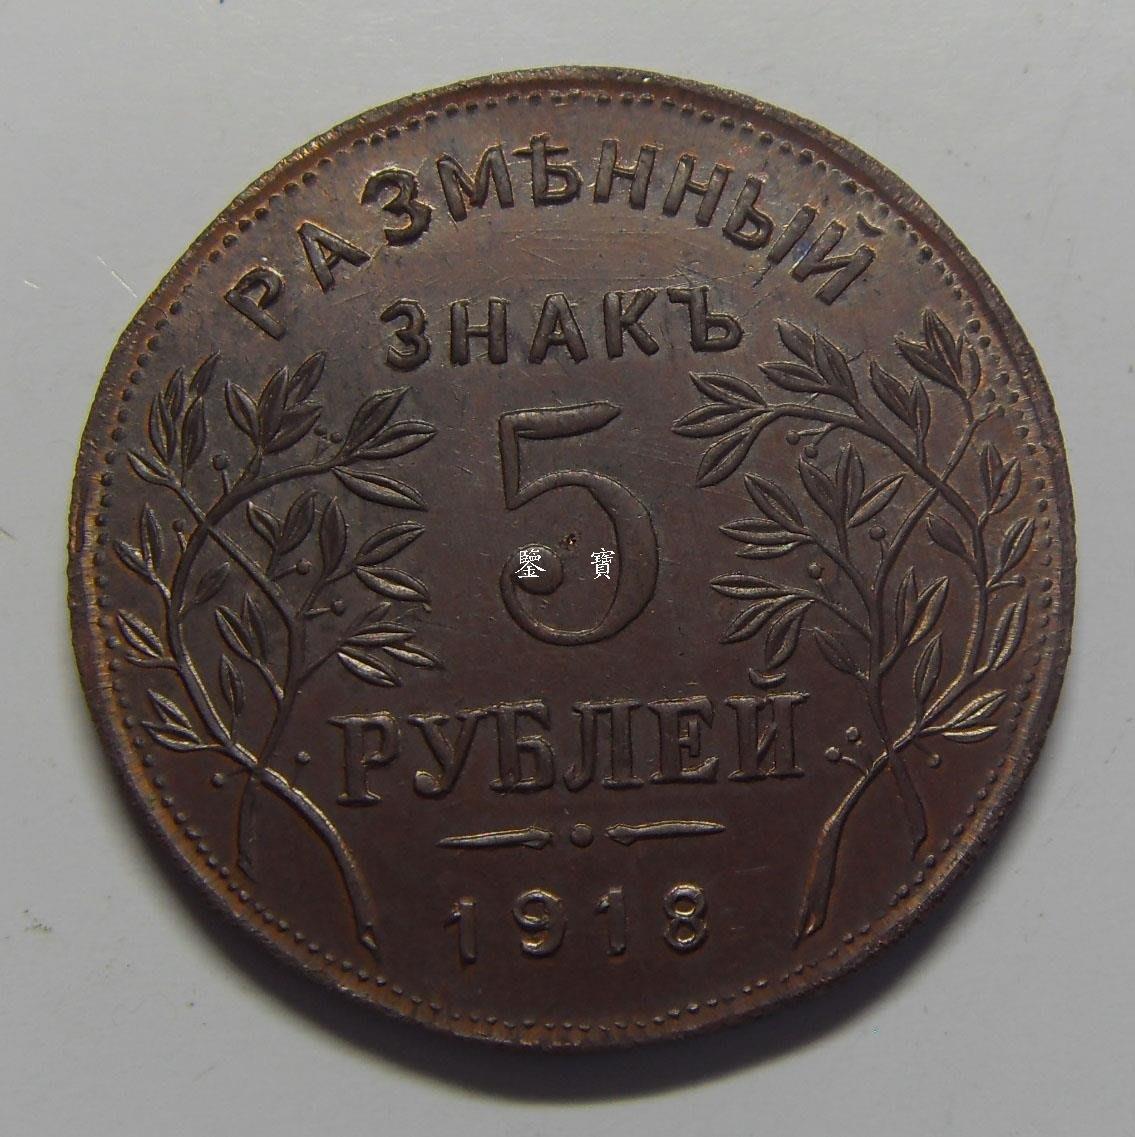 【鑒 寶】(世界各國錢幣)俄屬高加索 - 阿爾馬維爾 ,庫班 1918年 5盧布 複製品 銅 章 幣 BTG1802